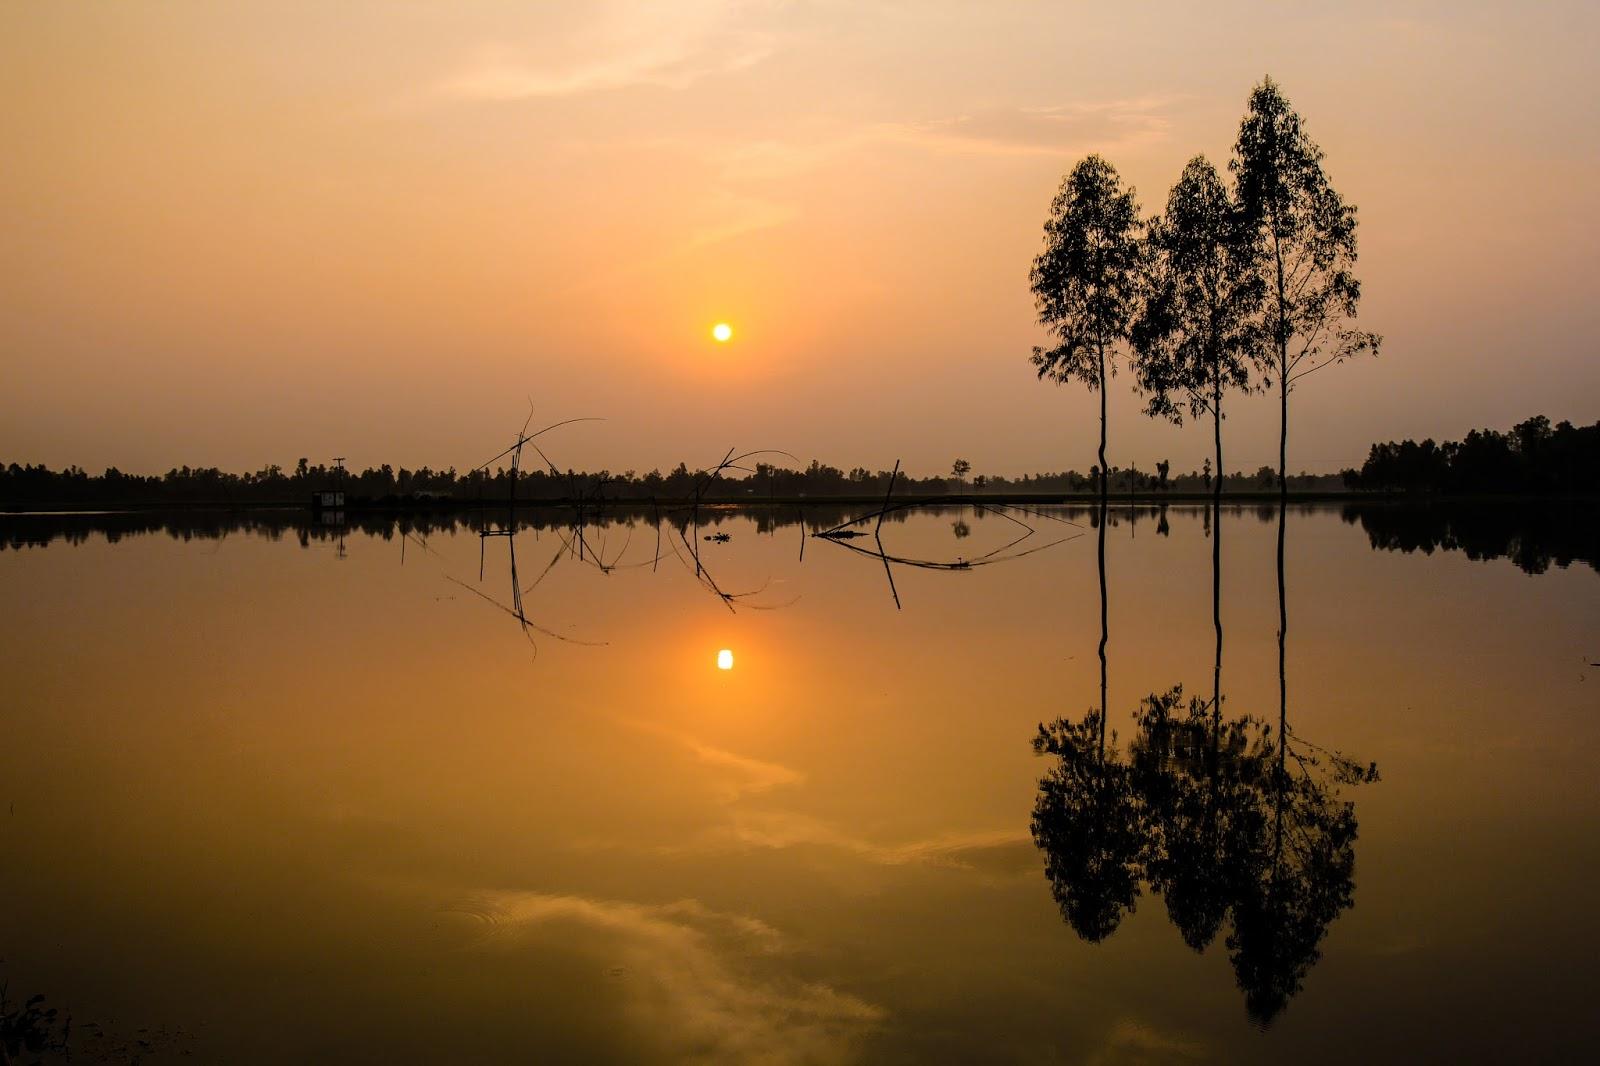 بالصور صور طبيعية صور جمال الطبيعة , خلفيات مناظر روعه 3811 9